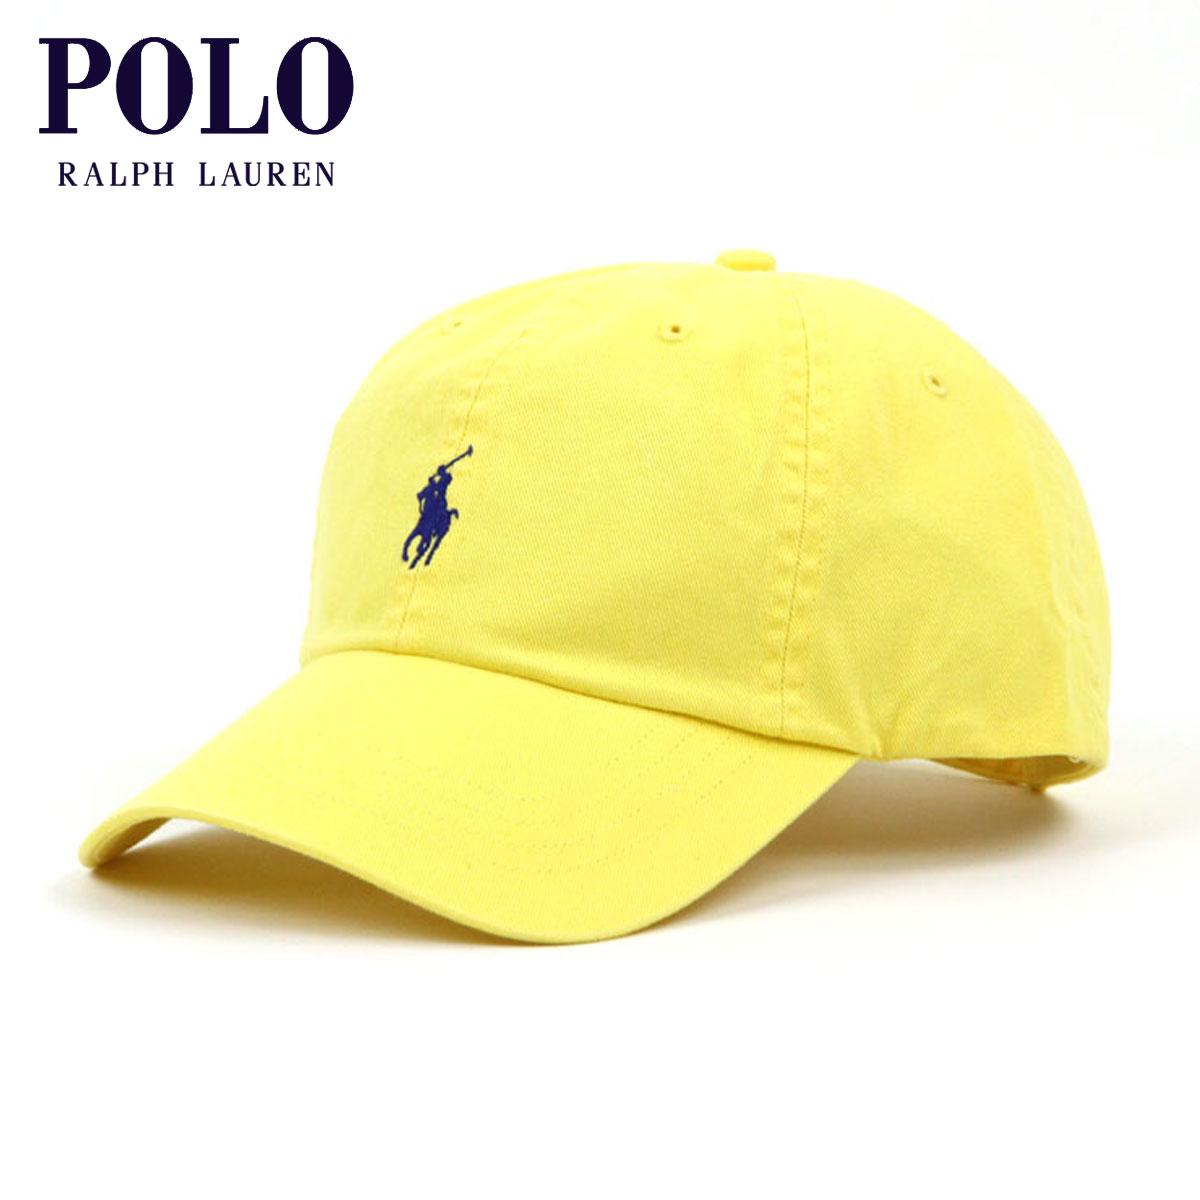 Polo Ralph Lauren POLO RALPH LAUREN regular article men hat cap COTTON  CHINO BASEBALL CAP 52a8971f4a28